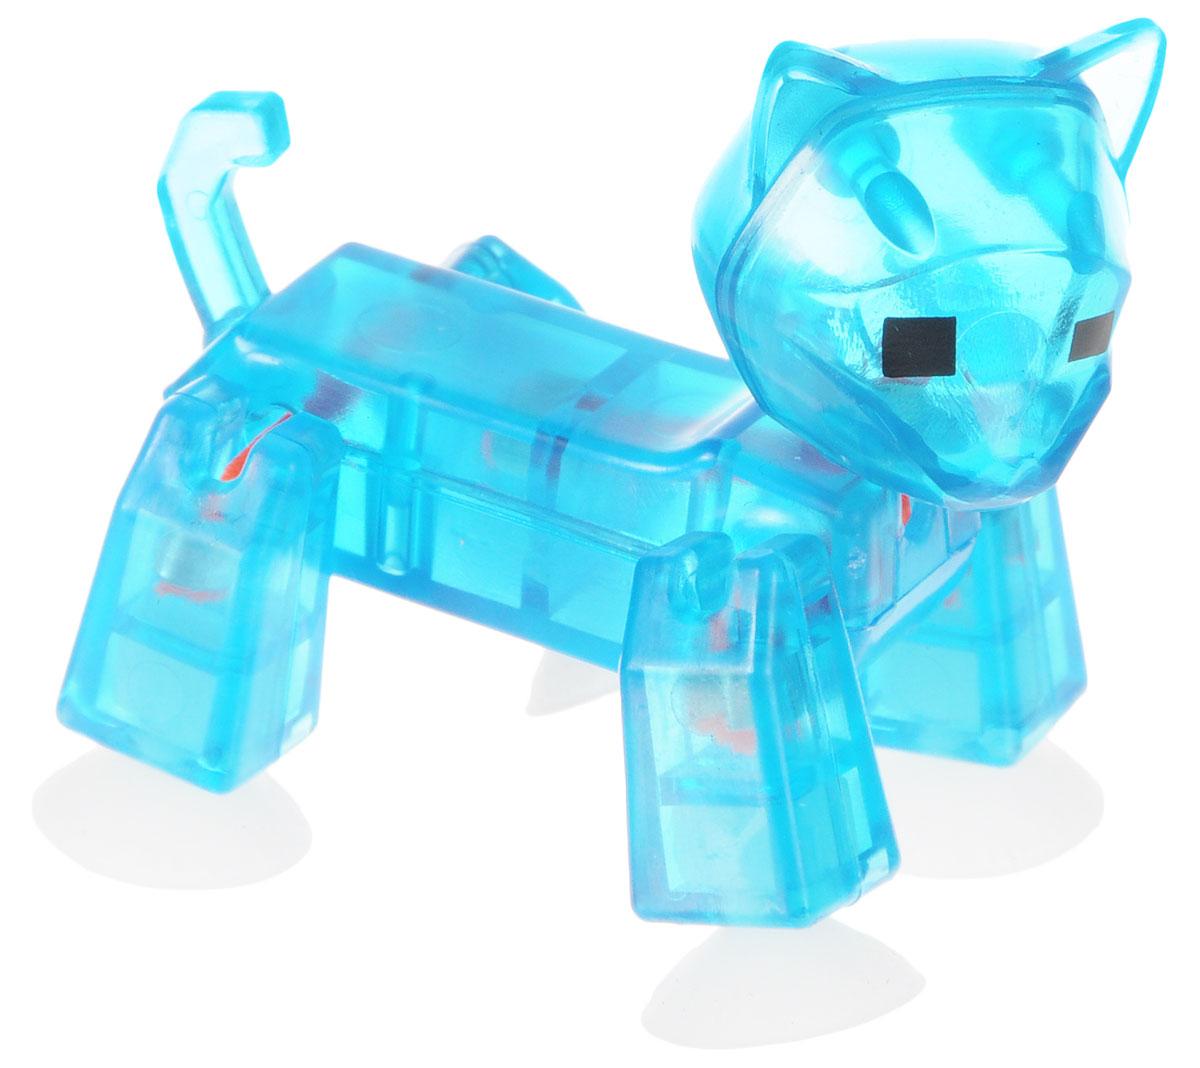 Stikbot Фигурка Питомцы Кот цвет синий stikbot фигурка питомцы бульдог красный